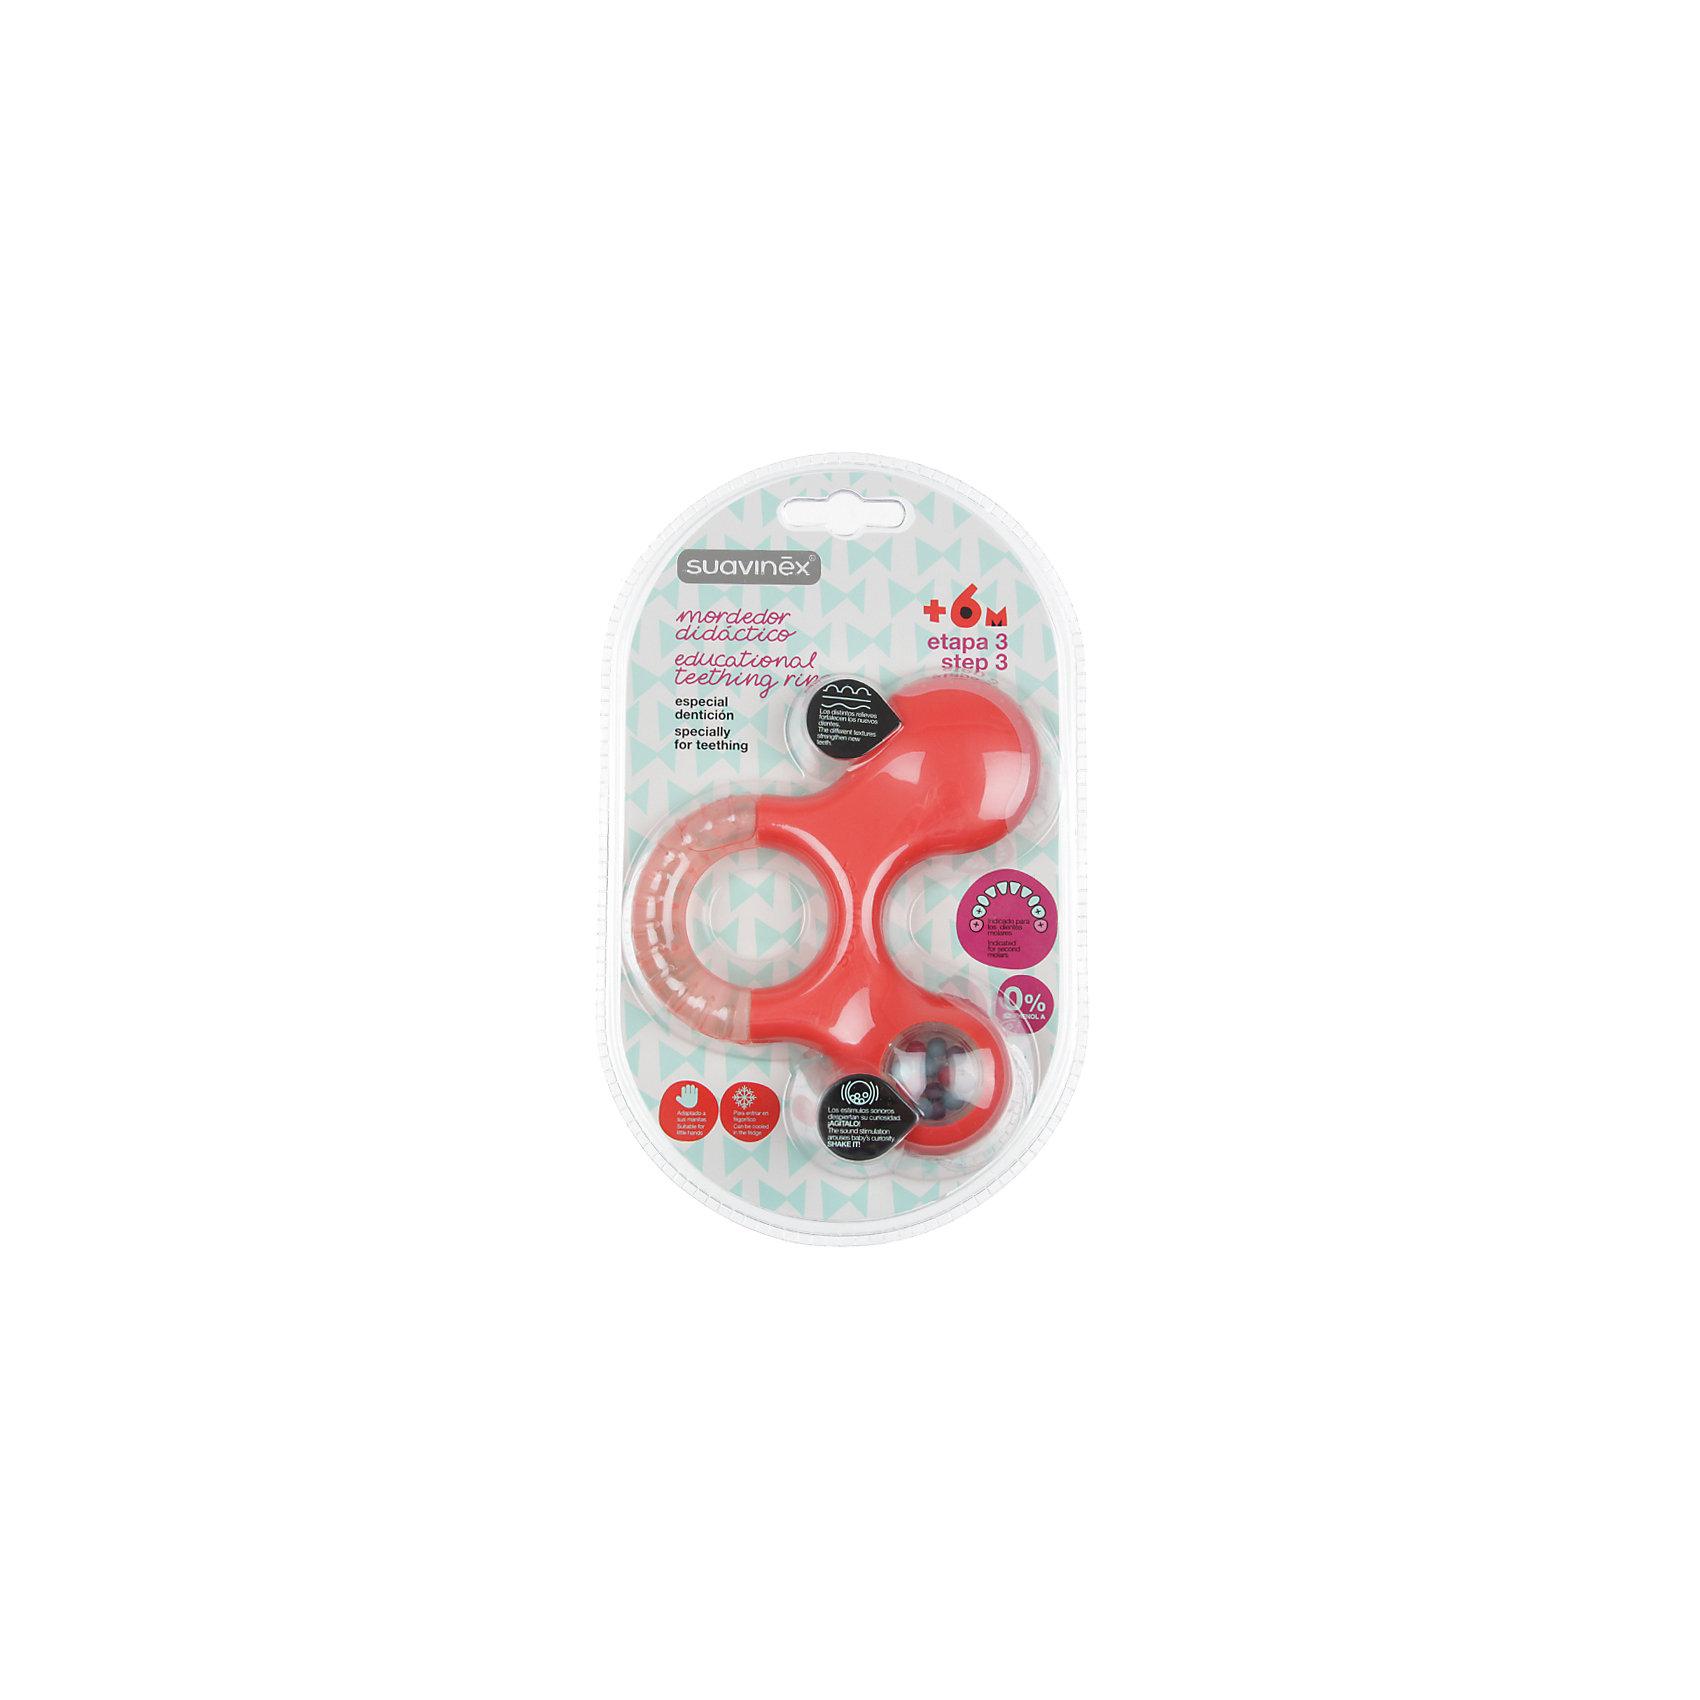 Прорезыватель-игрушка от 6мес. шаг 3, Suavinex, оранжевыйПрорезыватели<br>Характеристики:<br><br>• Наименование: прорезыватель<br>• Рекомендуемый возраст: от 6 месяцев<br>• Пол: универсальный<br>• Материал: пластик, дистиллированная вода<br>• Цвет: оранжевый<br>• Рисунок: без рисунка<br>• Наличие выпуклых элементов<br>• Эргономичная форма<br>• Отсутствие острых углов<br>• С эффектом охлаждения<br>• Эффект погремушки<br>• Вес: 114 г<br>• Параметры (Д*Ш*В): 11,6*3,6*13,6 см <br>• Особенности ухода: можно мыть в теплой воде<br><br>Прорезыватель-игрушка от 6 мес. шаг 3, Suavinex, оранжевый изготовлен испанским торговым брендом, специализирующимся на выпуске товаров для кормления и аксессуаров новорожденным и младенцам. Продукция от Suavinex разработана с учетом рекомендаций педиатров и стоматологов, что гарантирует качество и безопасность использованных материалов. <br><br>Пластик, из которого изготовлено изделие, устойчив к появлению царапин от острых детских зубов, благодаря чему игрушка длительное время сохраняет свои гигиенические свойства. Прорезыватель выполнен в эргономичной форме, имеет легкий вес, что позволяет малышу не только удобно держать его в ручке, но и отрабатывать навык захвата игрушки. <br><br>Прорезыватель имеет трехстороннюю форму: один край выполнен с наполненной дистиллированной водой, которую можно охлаждать, второй – из пластика с выпуклыми элементами, а третий – с шариками в прозрачном окошке. Конструкция игрушки обеспечивает не только мягкий нетравмирующий массаж десен, но и развивает мелкую моторику рук, звуковое и цветовое восприятие. Прорезыватель выполнен в брендовом дизайне.<br><br>Прорезыватель-игрушка от 6 мес. шаг 3, Suavinex, оранжевый можно купить в нашем интернет-магазине.<br><br>Ширина мм: 116<br>Глубина мм: 36<br>Высота мм: 136<br>Вес г: 114<br>Возраст от месяцев: 6<br>Возраст до месяцев: 24<br>Пол: Унисекс<br>Возраст: Детский<br>SKU: 5451330